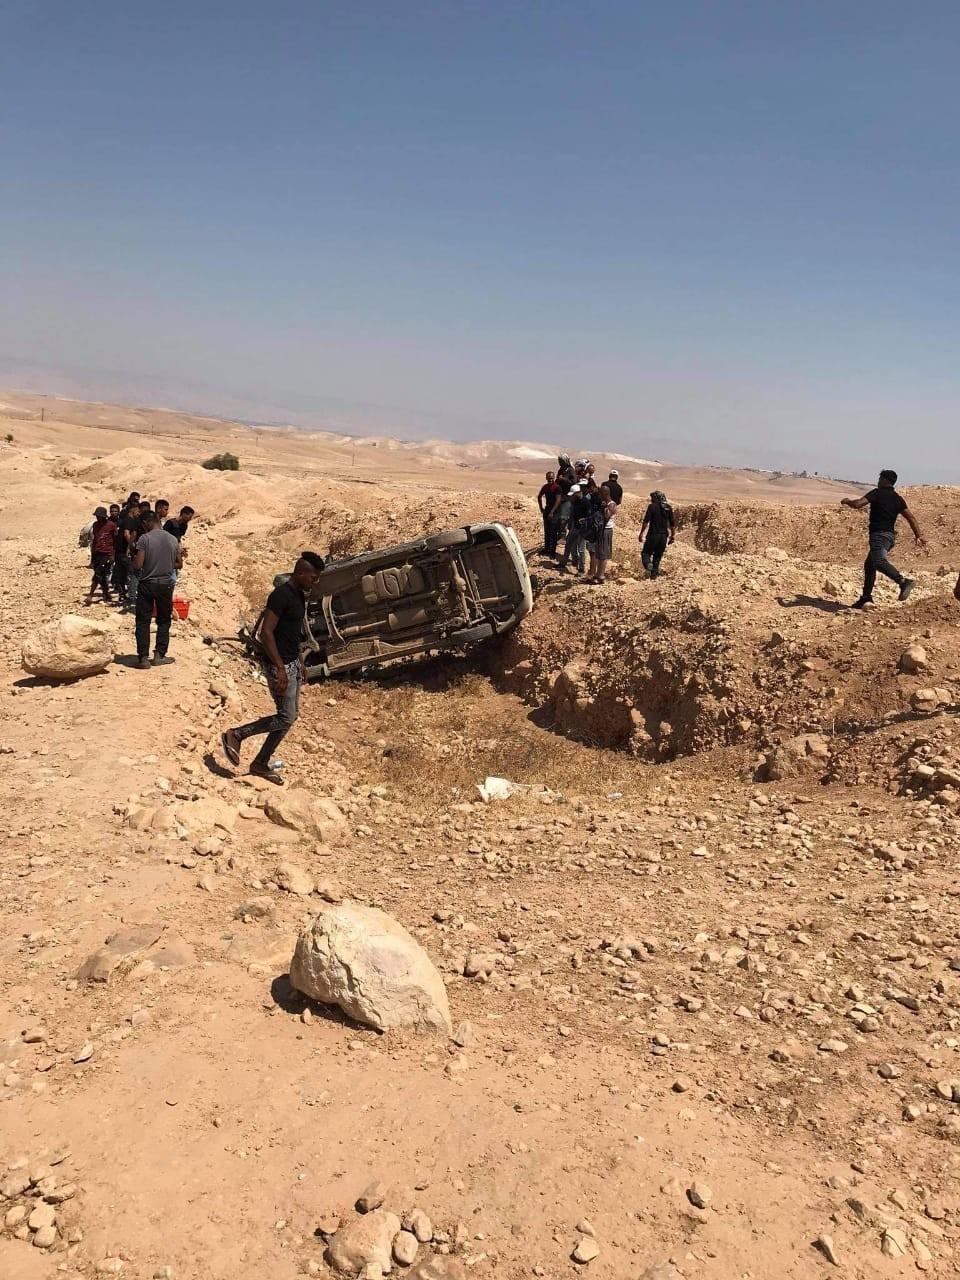 صورة: إصابة 6 مواطنين إثر حادث سير شمال أريحا